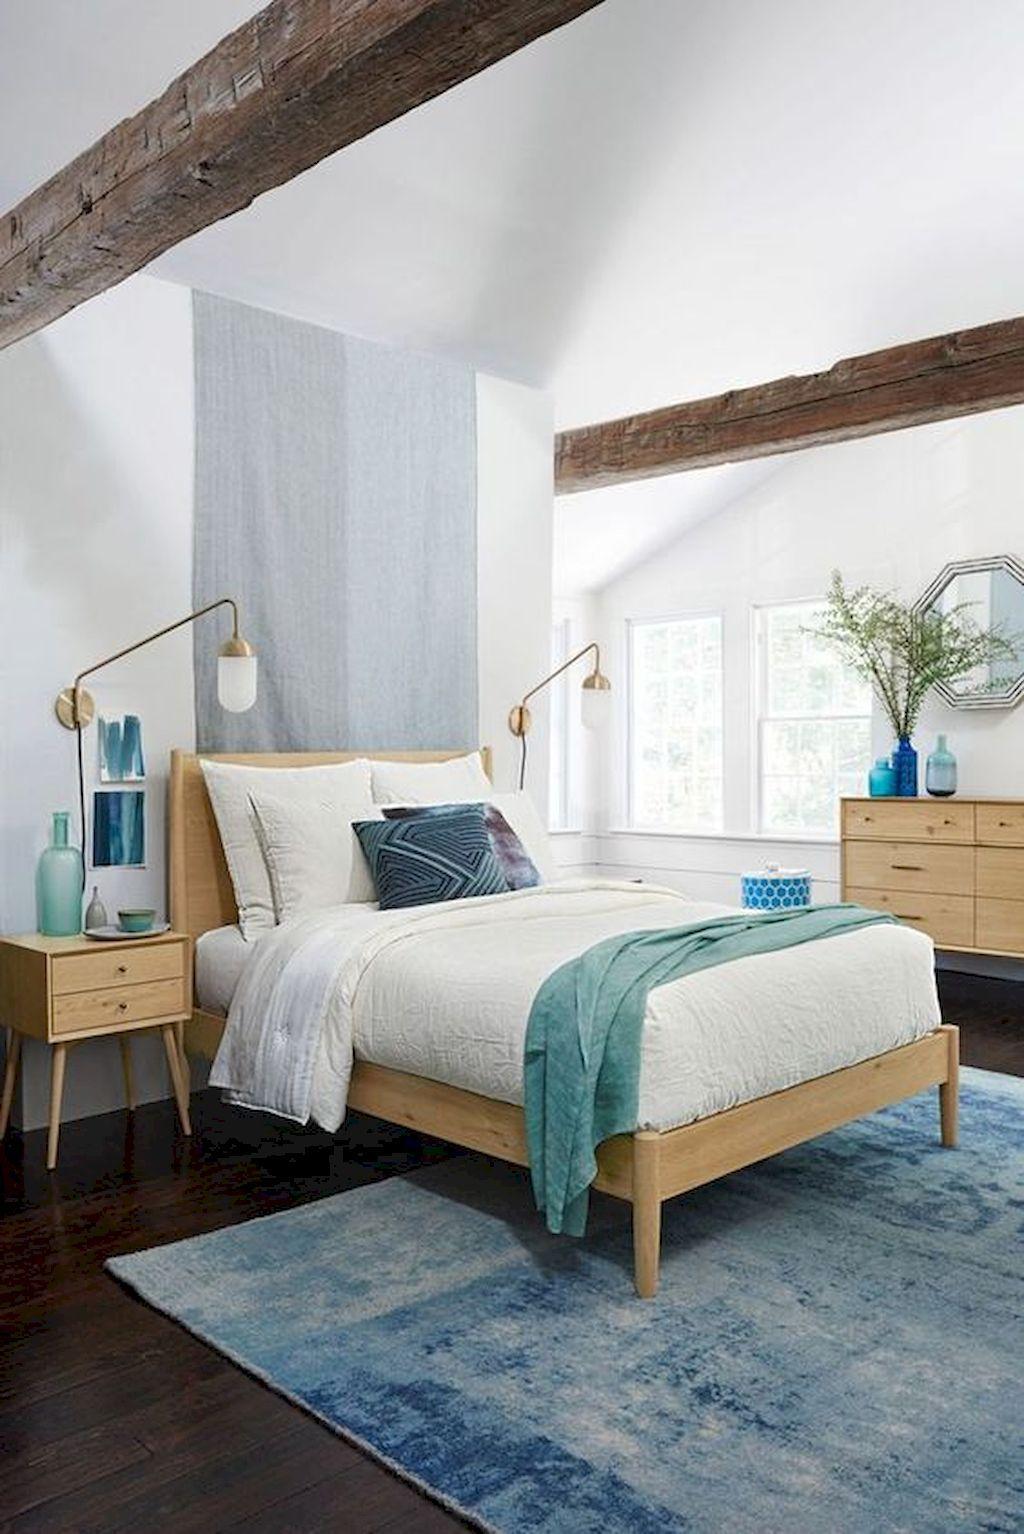 Master bedroom bedroom decor ideas   Modern Coastal Master Bedroom Decorating Ideas  Beach bedroom